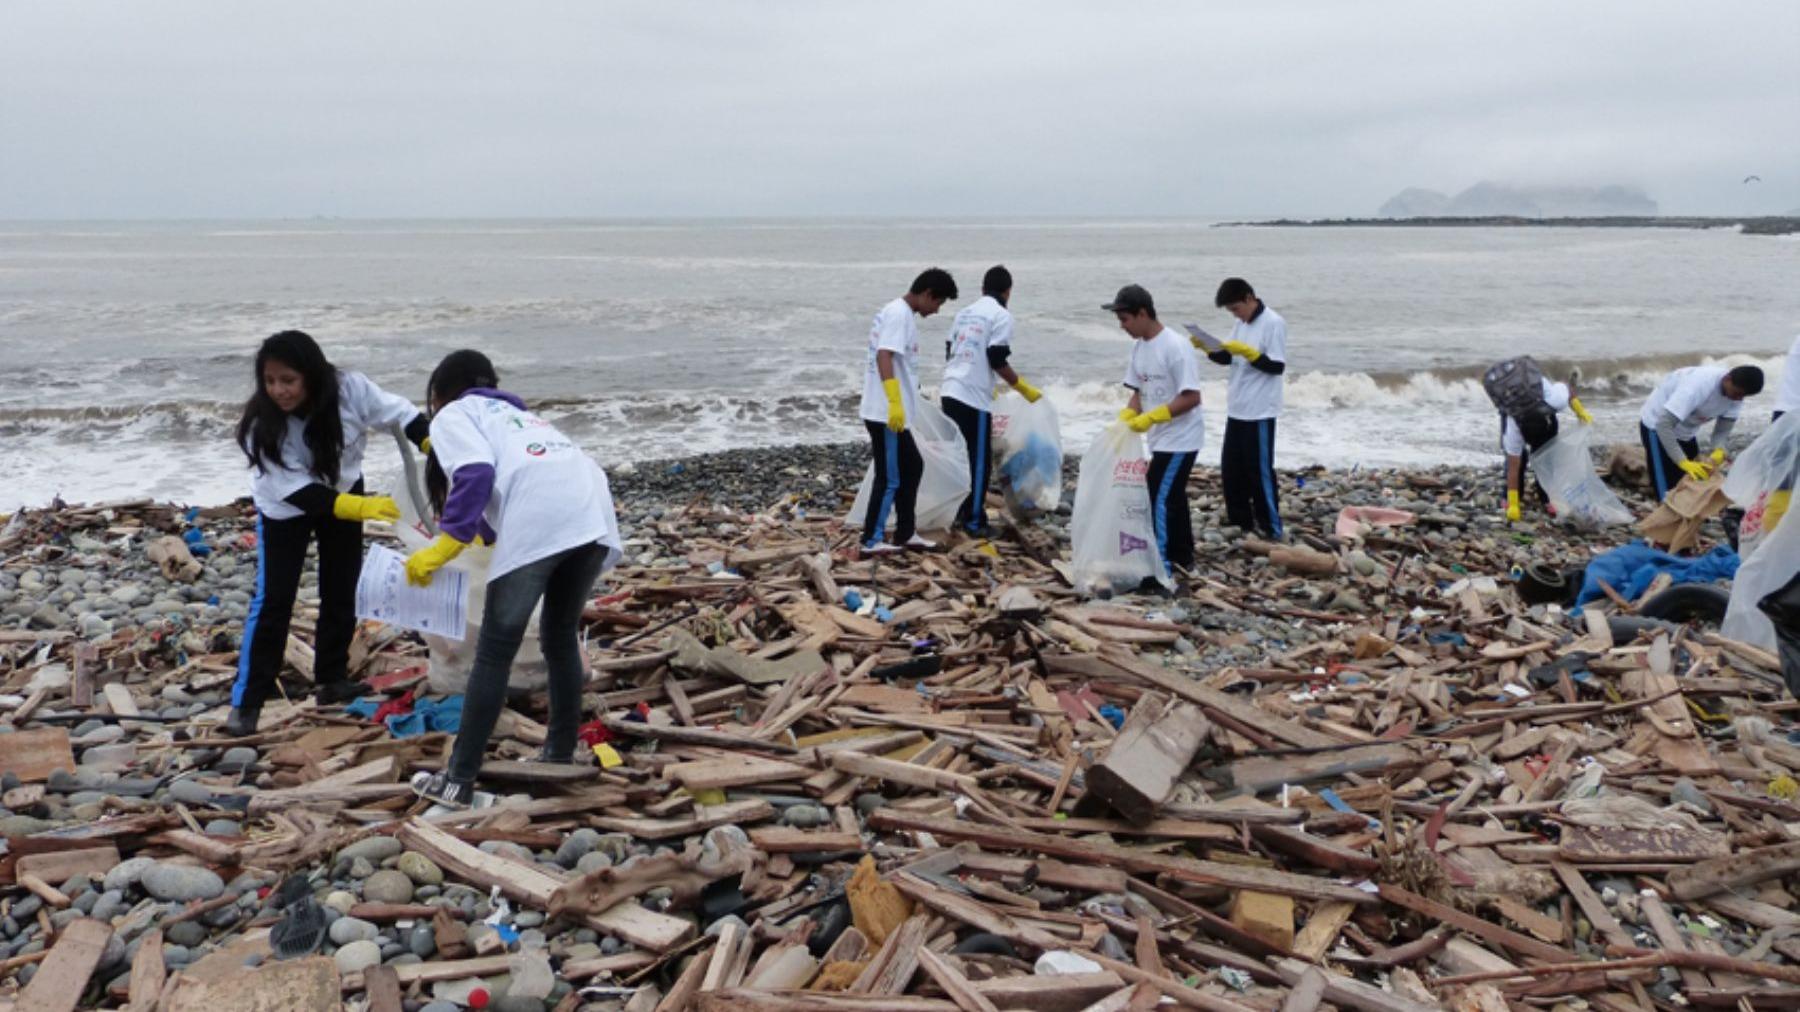 """El viceministro de Gestión Ambiental, Marcos Alegre, señaló a RPP que el fin es """"eliminar progresivamente el plástico""""."""